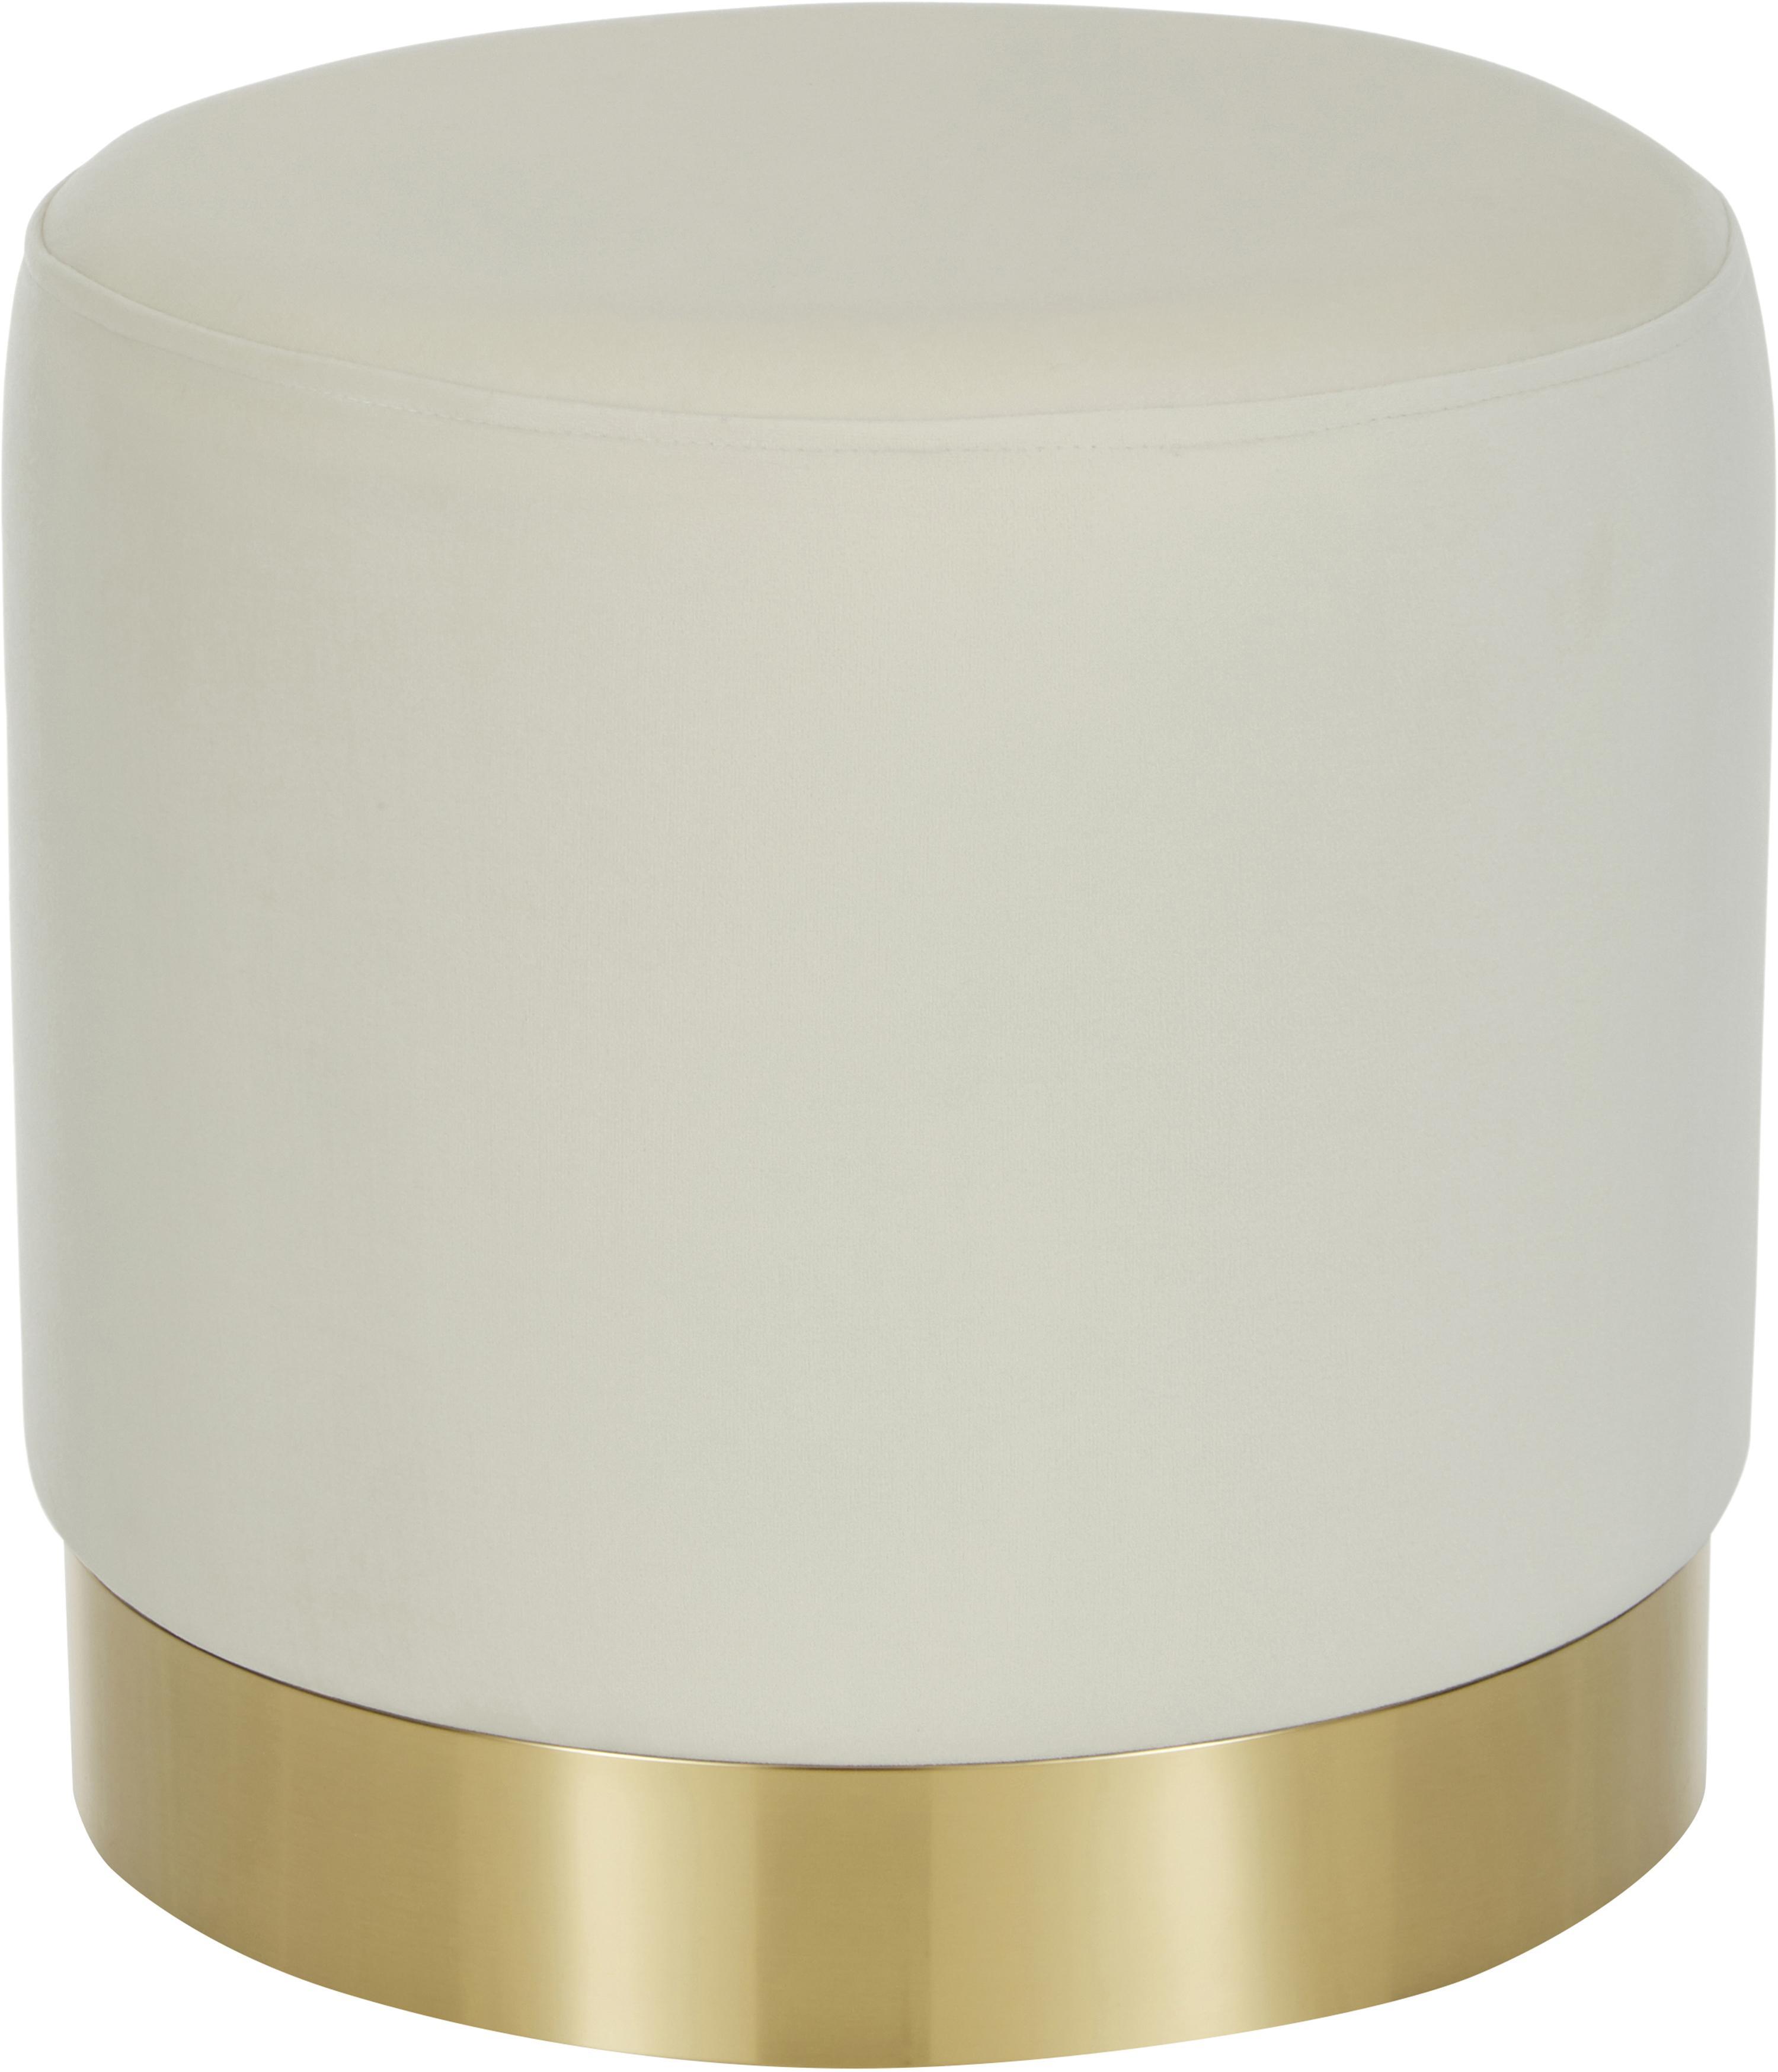 Pouf in velluto Orchid, Rivestimento: velluto (poliestere) 25.0, Cornice: compensato, Rivestimento: bianco Base: dorato, Ø 38 x Alt. 38 cm